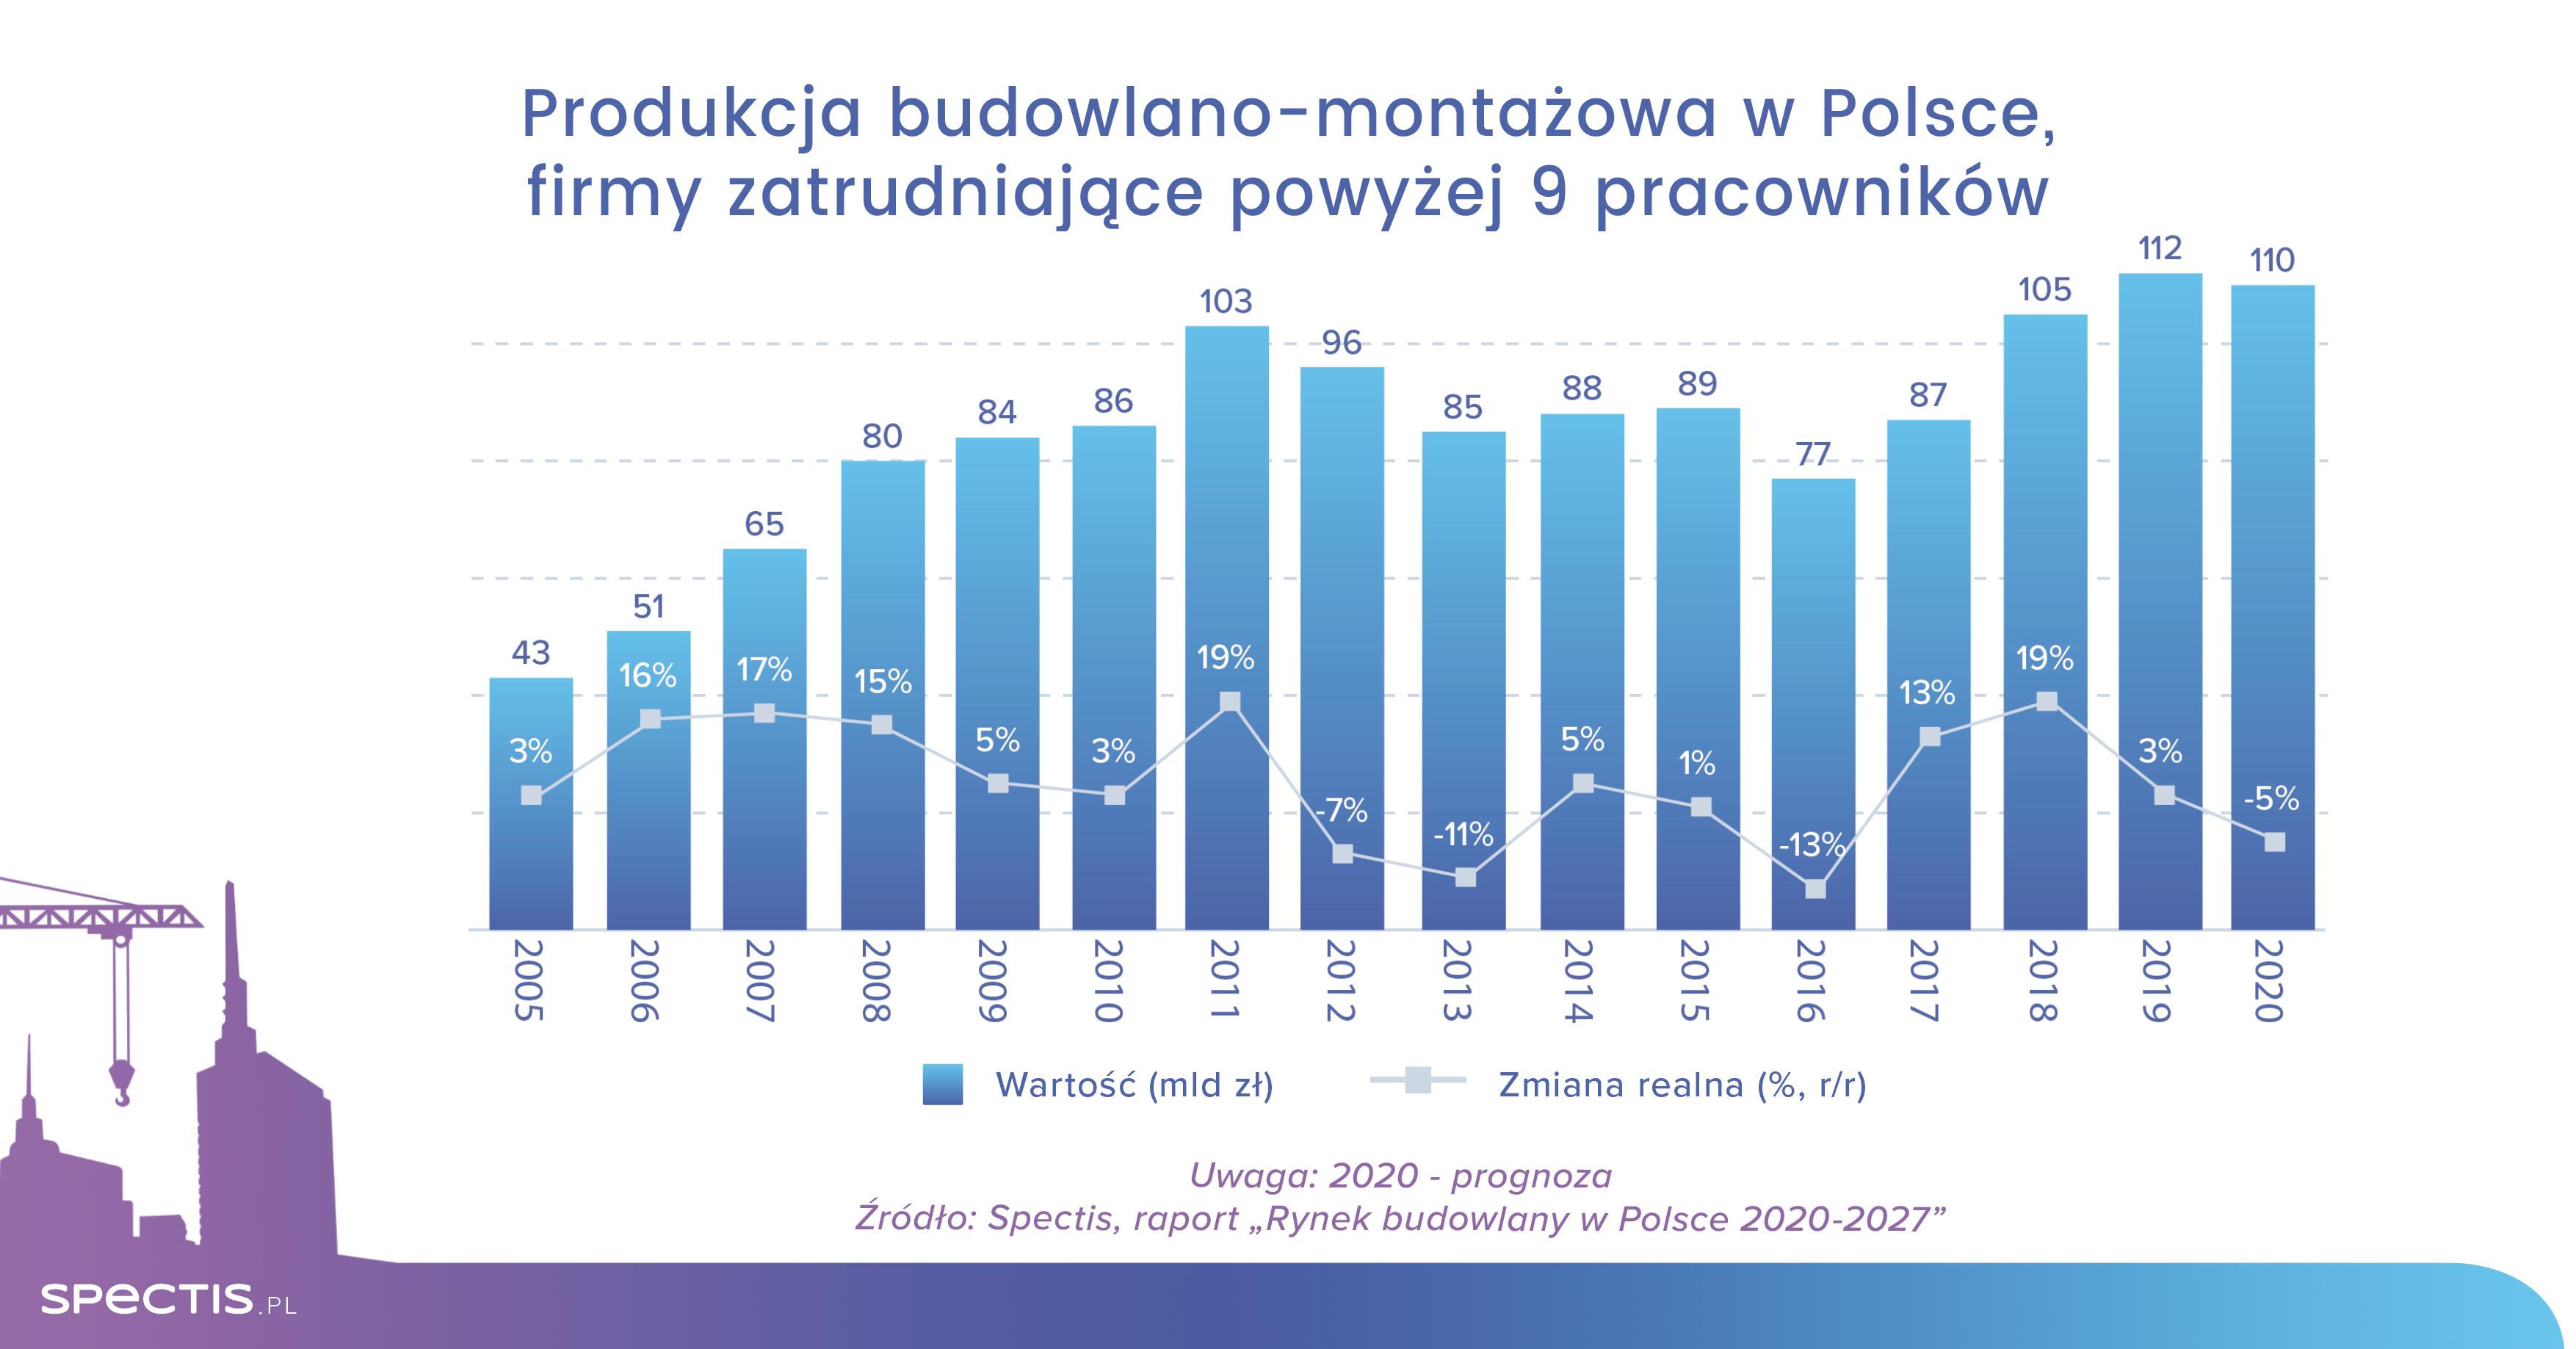 Rynek budowlany w Polsce w 2020 roku skurczy się o 3-5%